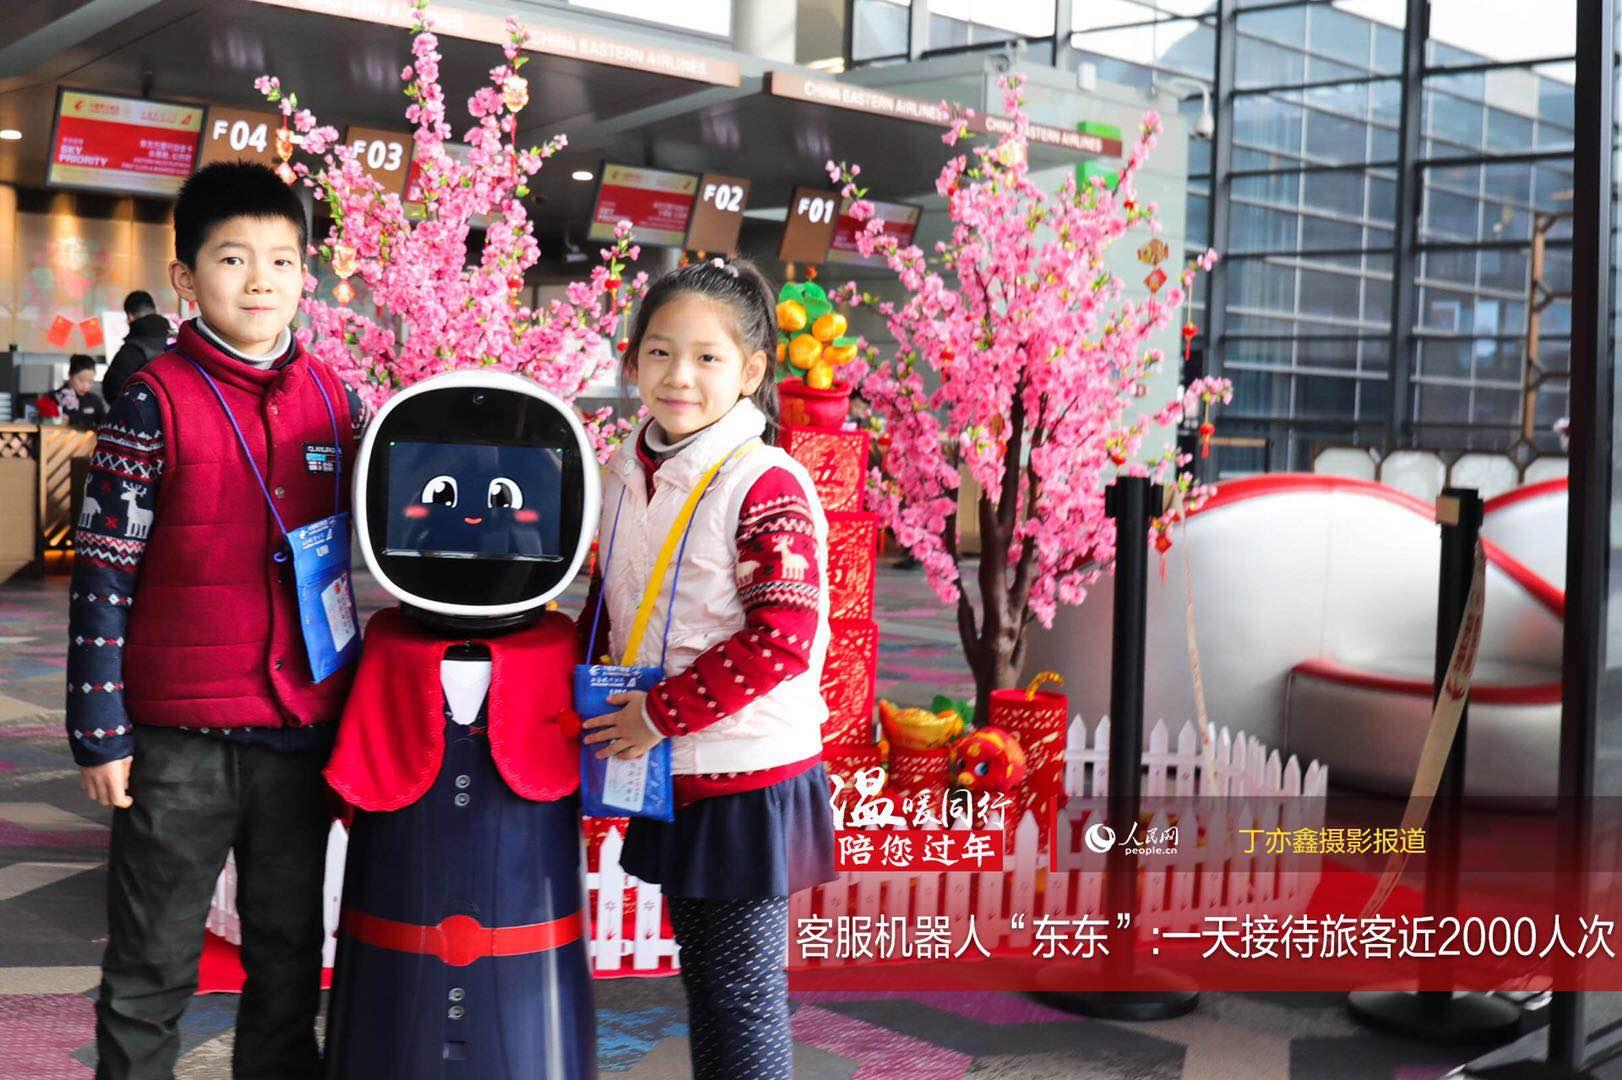 """临近春节,在外辛苦工作打拼了一年的人们陆续踏上了回家过年的路,上海虹桥机场也是人头攒动。熙熙攘攘的值机大厅里,一抹红色的身影让许多乘客停下了脚步,有小朋友也有老人,他们在它周围好奇地打量着,这抹身影就是东方航空的机器人服务员——""""东东""""。"""